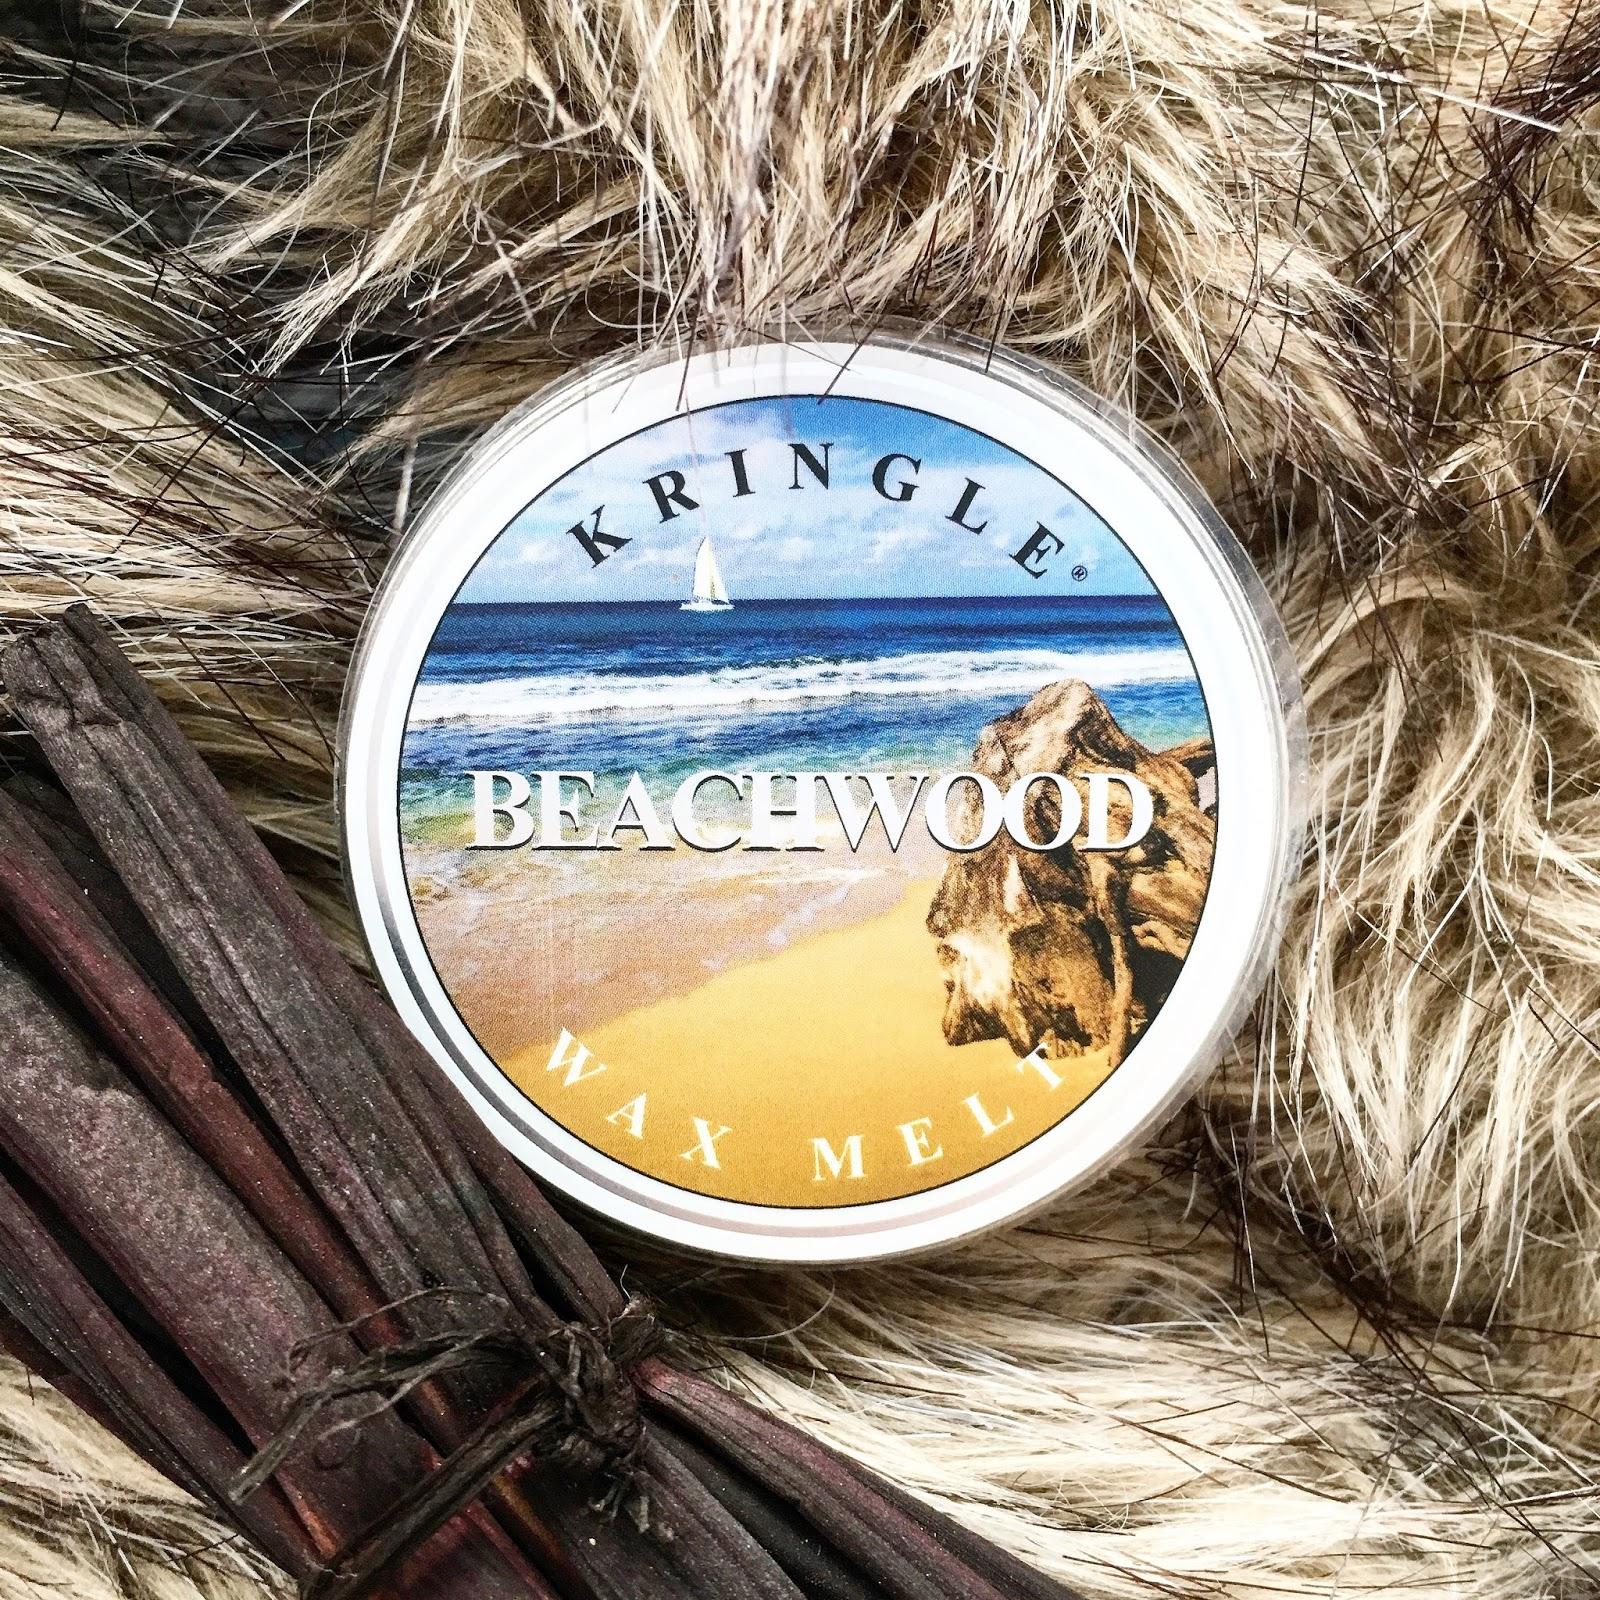 Beachwood, Kringle Candle - kokos na pokładzie!